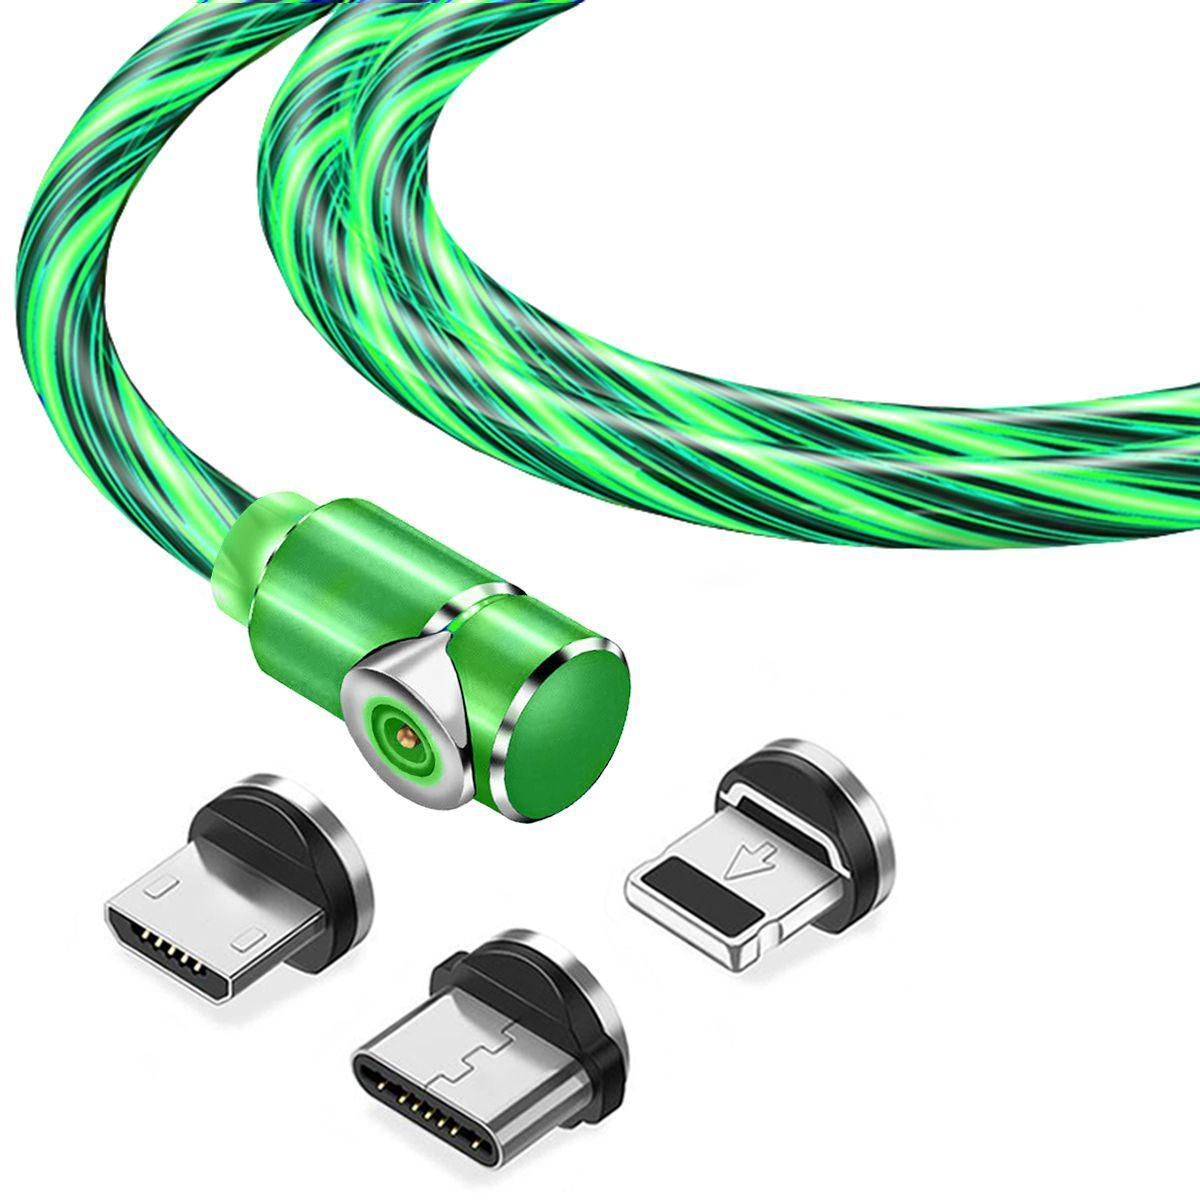 Магнитный кабель TOPK 3в1 (LZ) для зарядки (100 см) Green